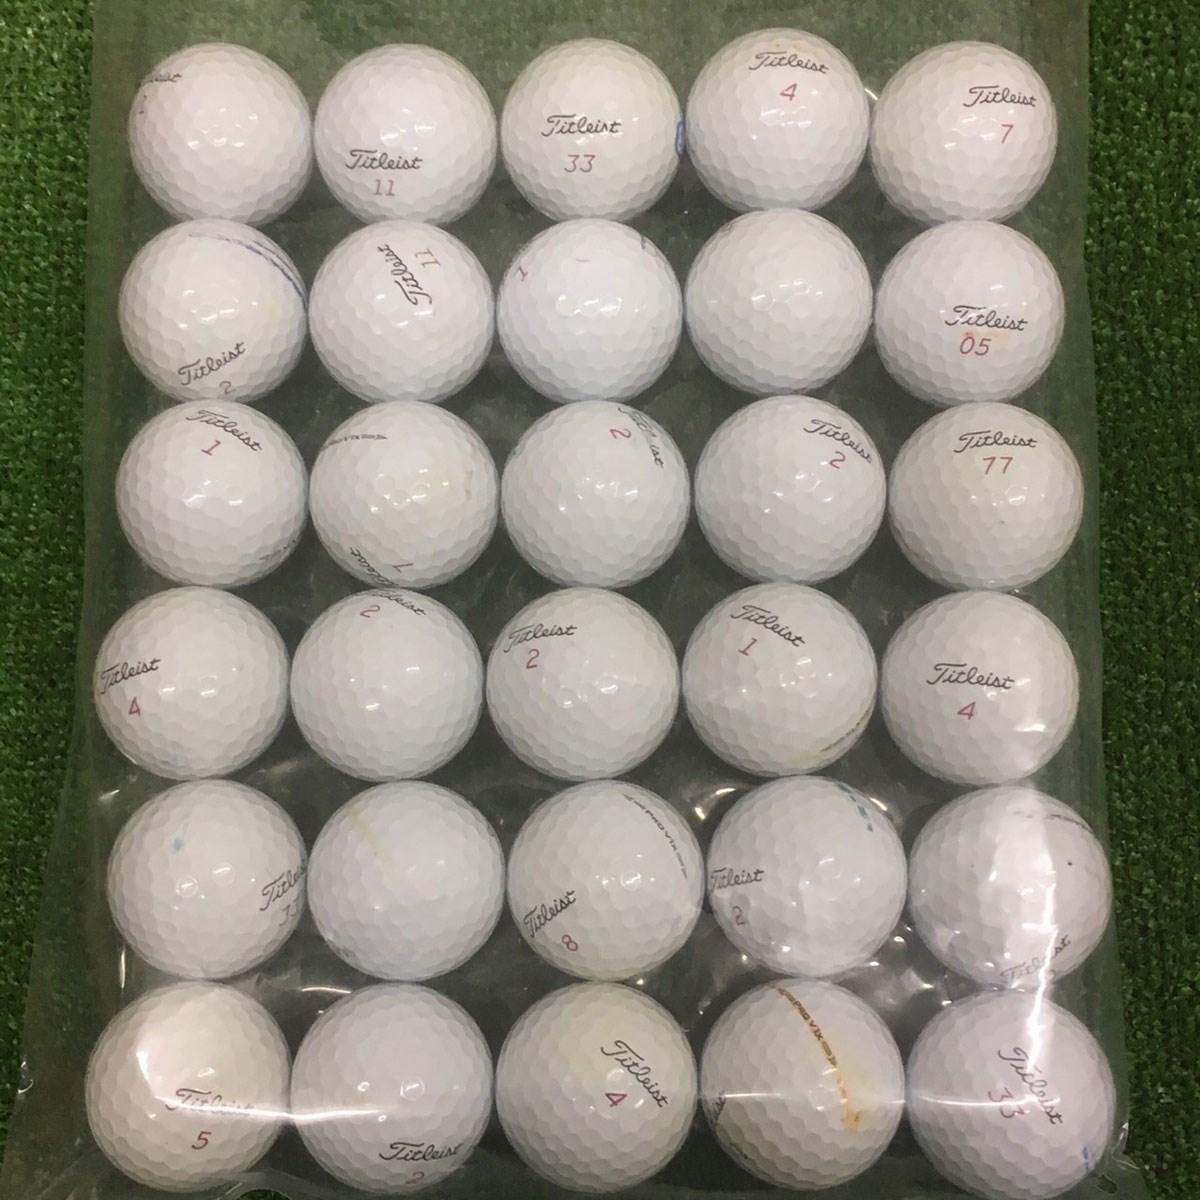 ロストボール Pro V1x混合 ロストボール 30個セット